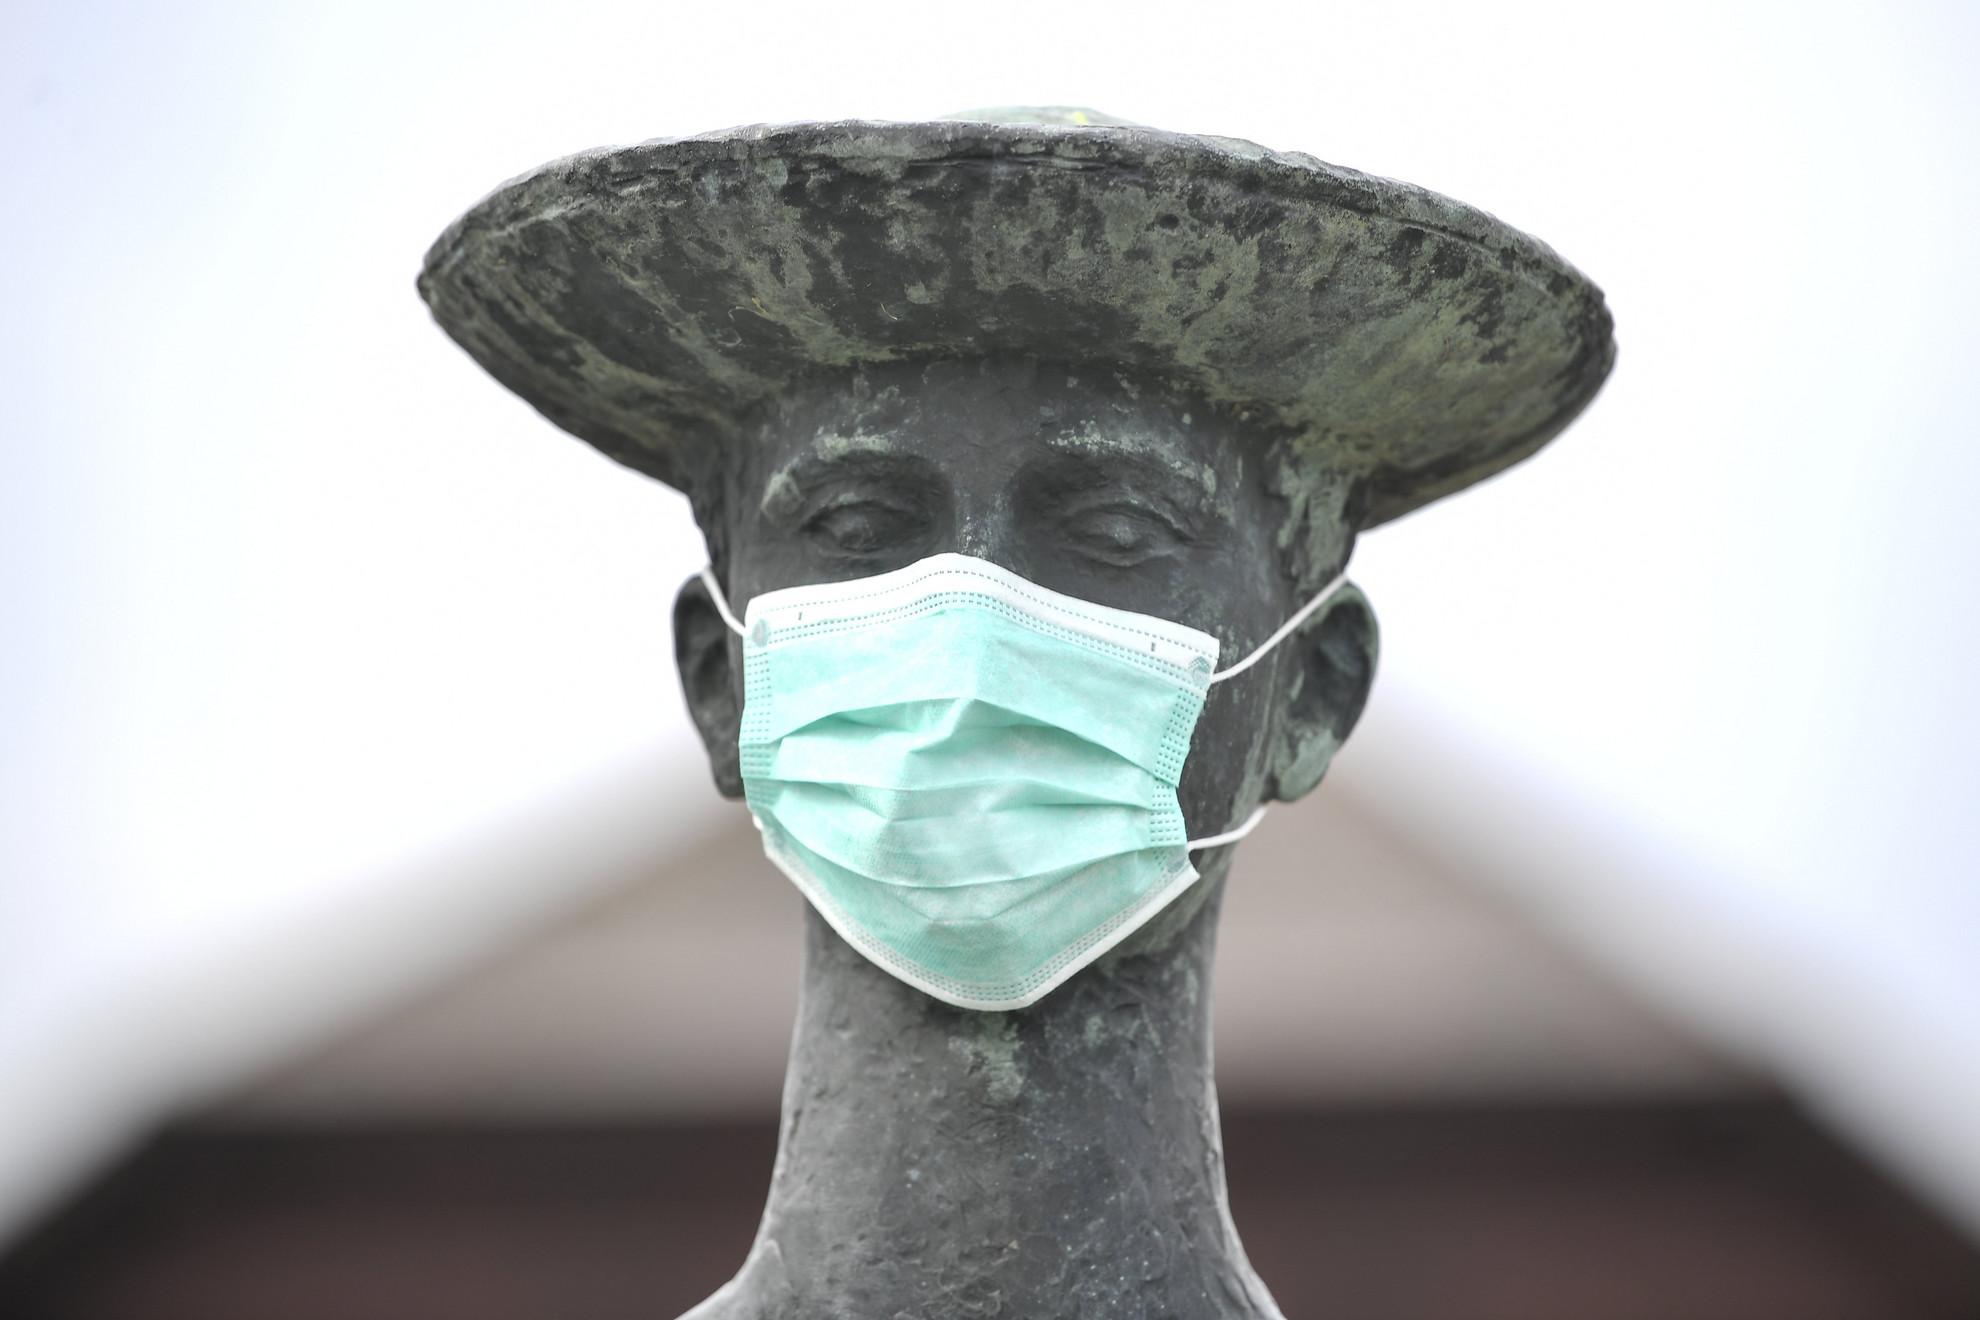 Egészségügyi maszk Somogyi Árpád a Pásztorfiú szobra című alkotásán a hortobágyi vásártéren 2020. március 25-án. A maszkot ismeretlenek helyezték el a szobron, vélhetően a koronavírus-járvány megfékezésének fontosságára utaló szándékkal